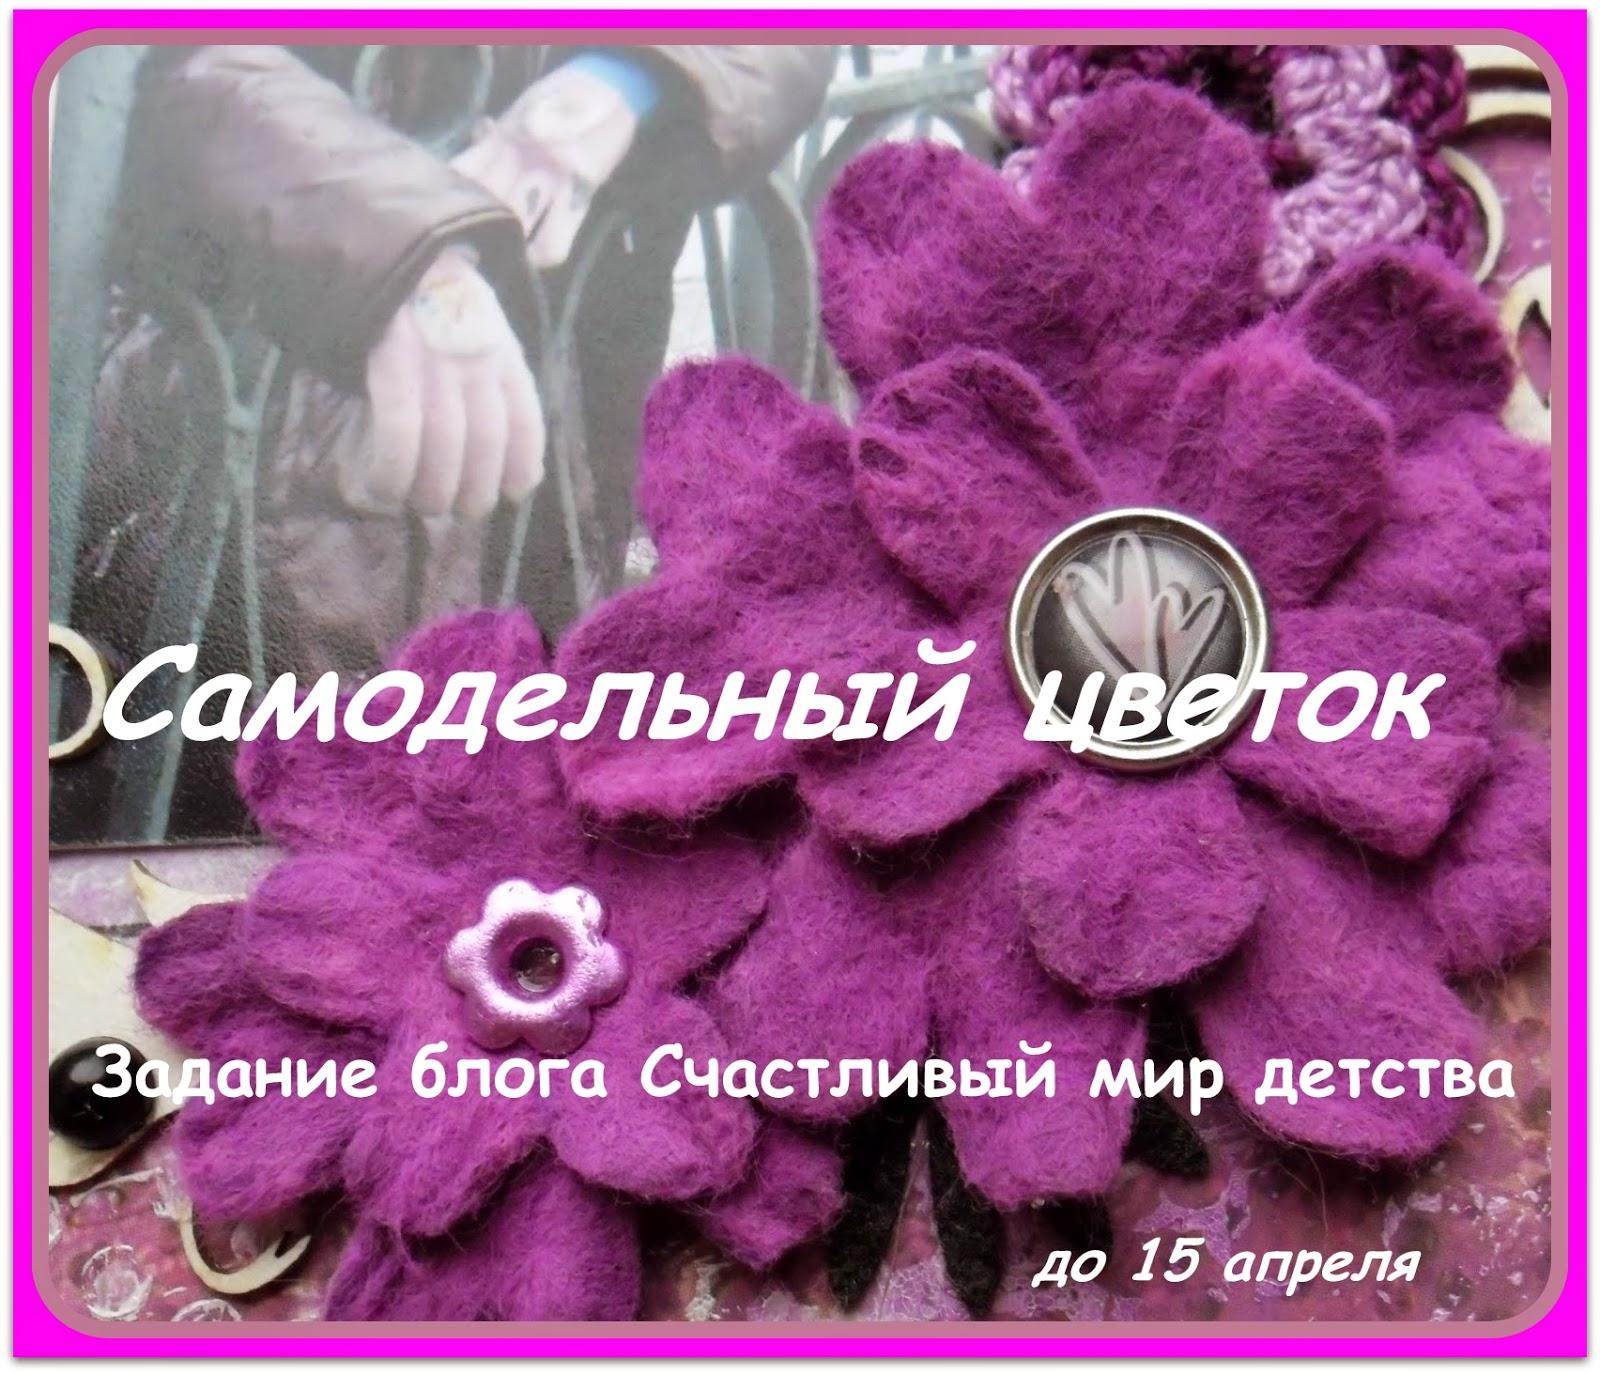 http://happydeti.blogspot.de/2014/03/zadanie-52-rabota-s-samodelnim-cvetkom.html